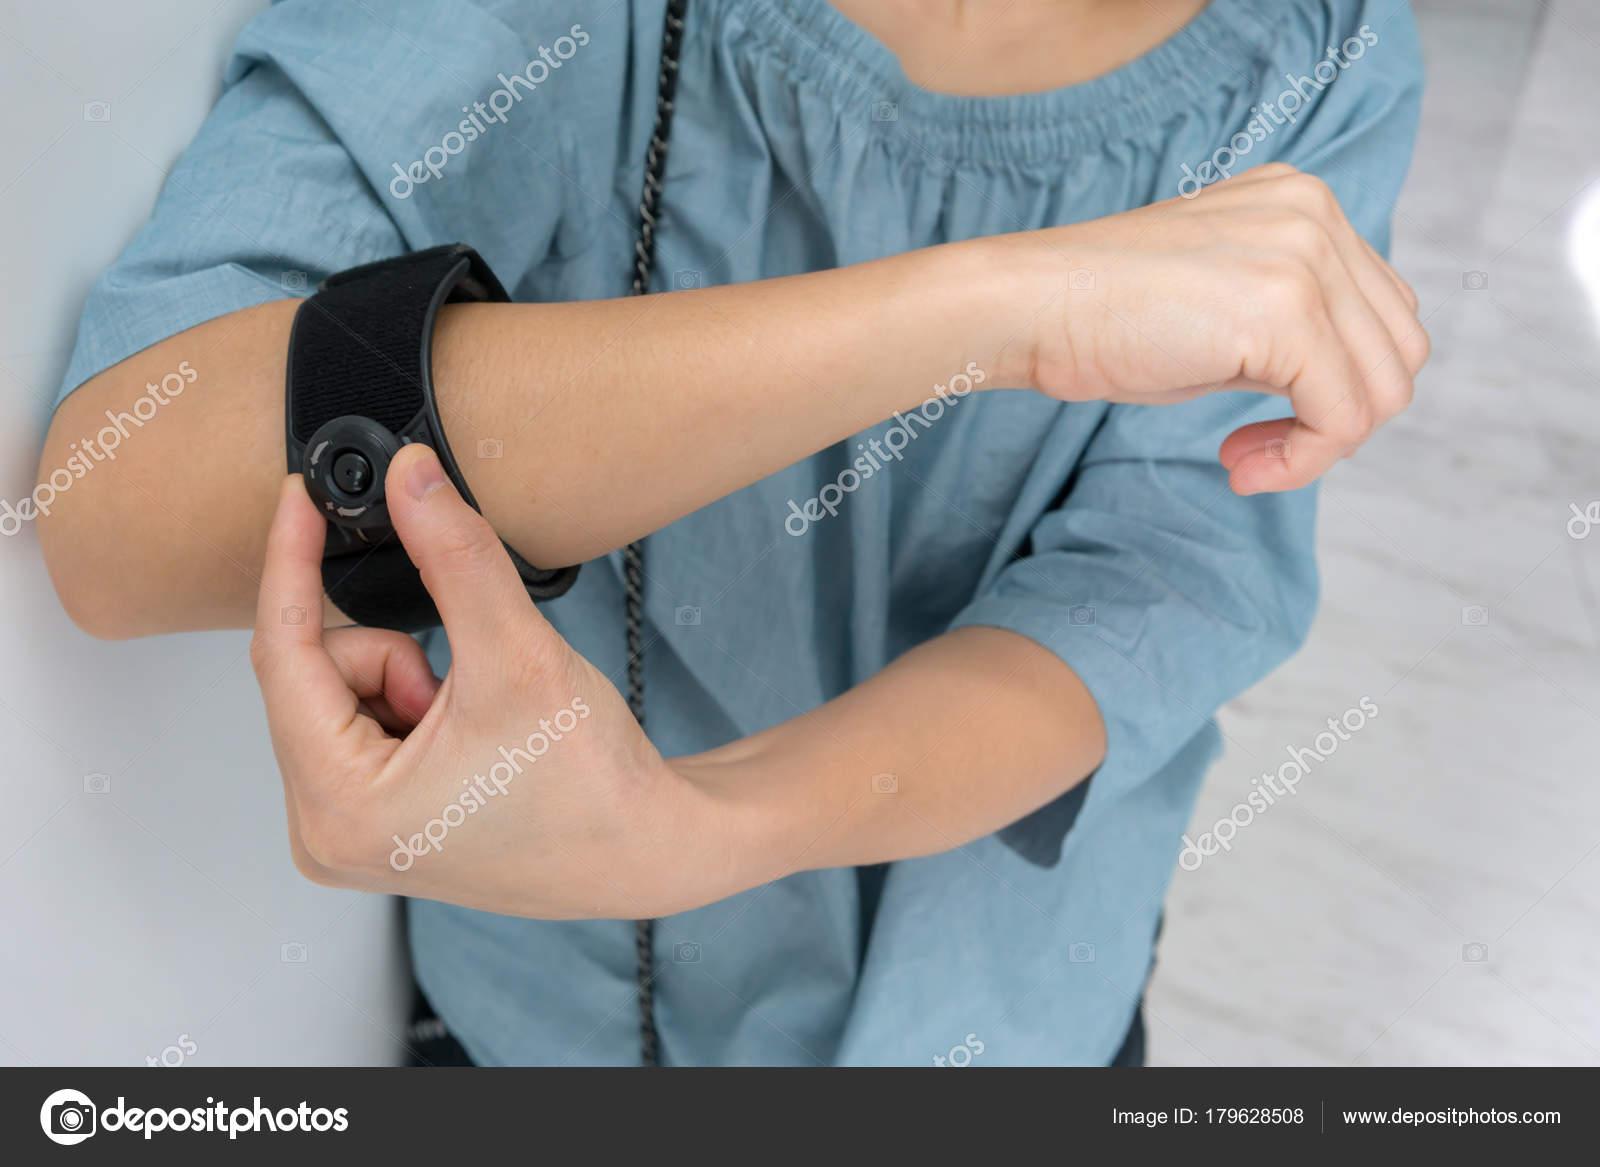 Asiatische Frau Schwarz Ellenbogen Orthese tragen zur Verringerung on